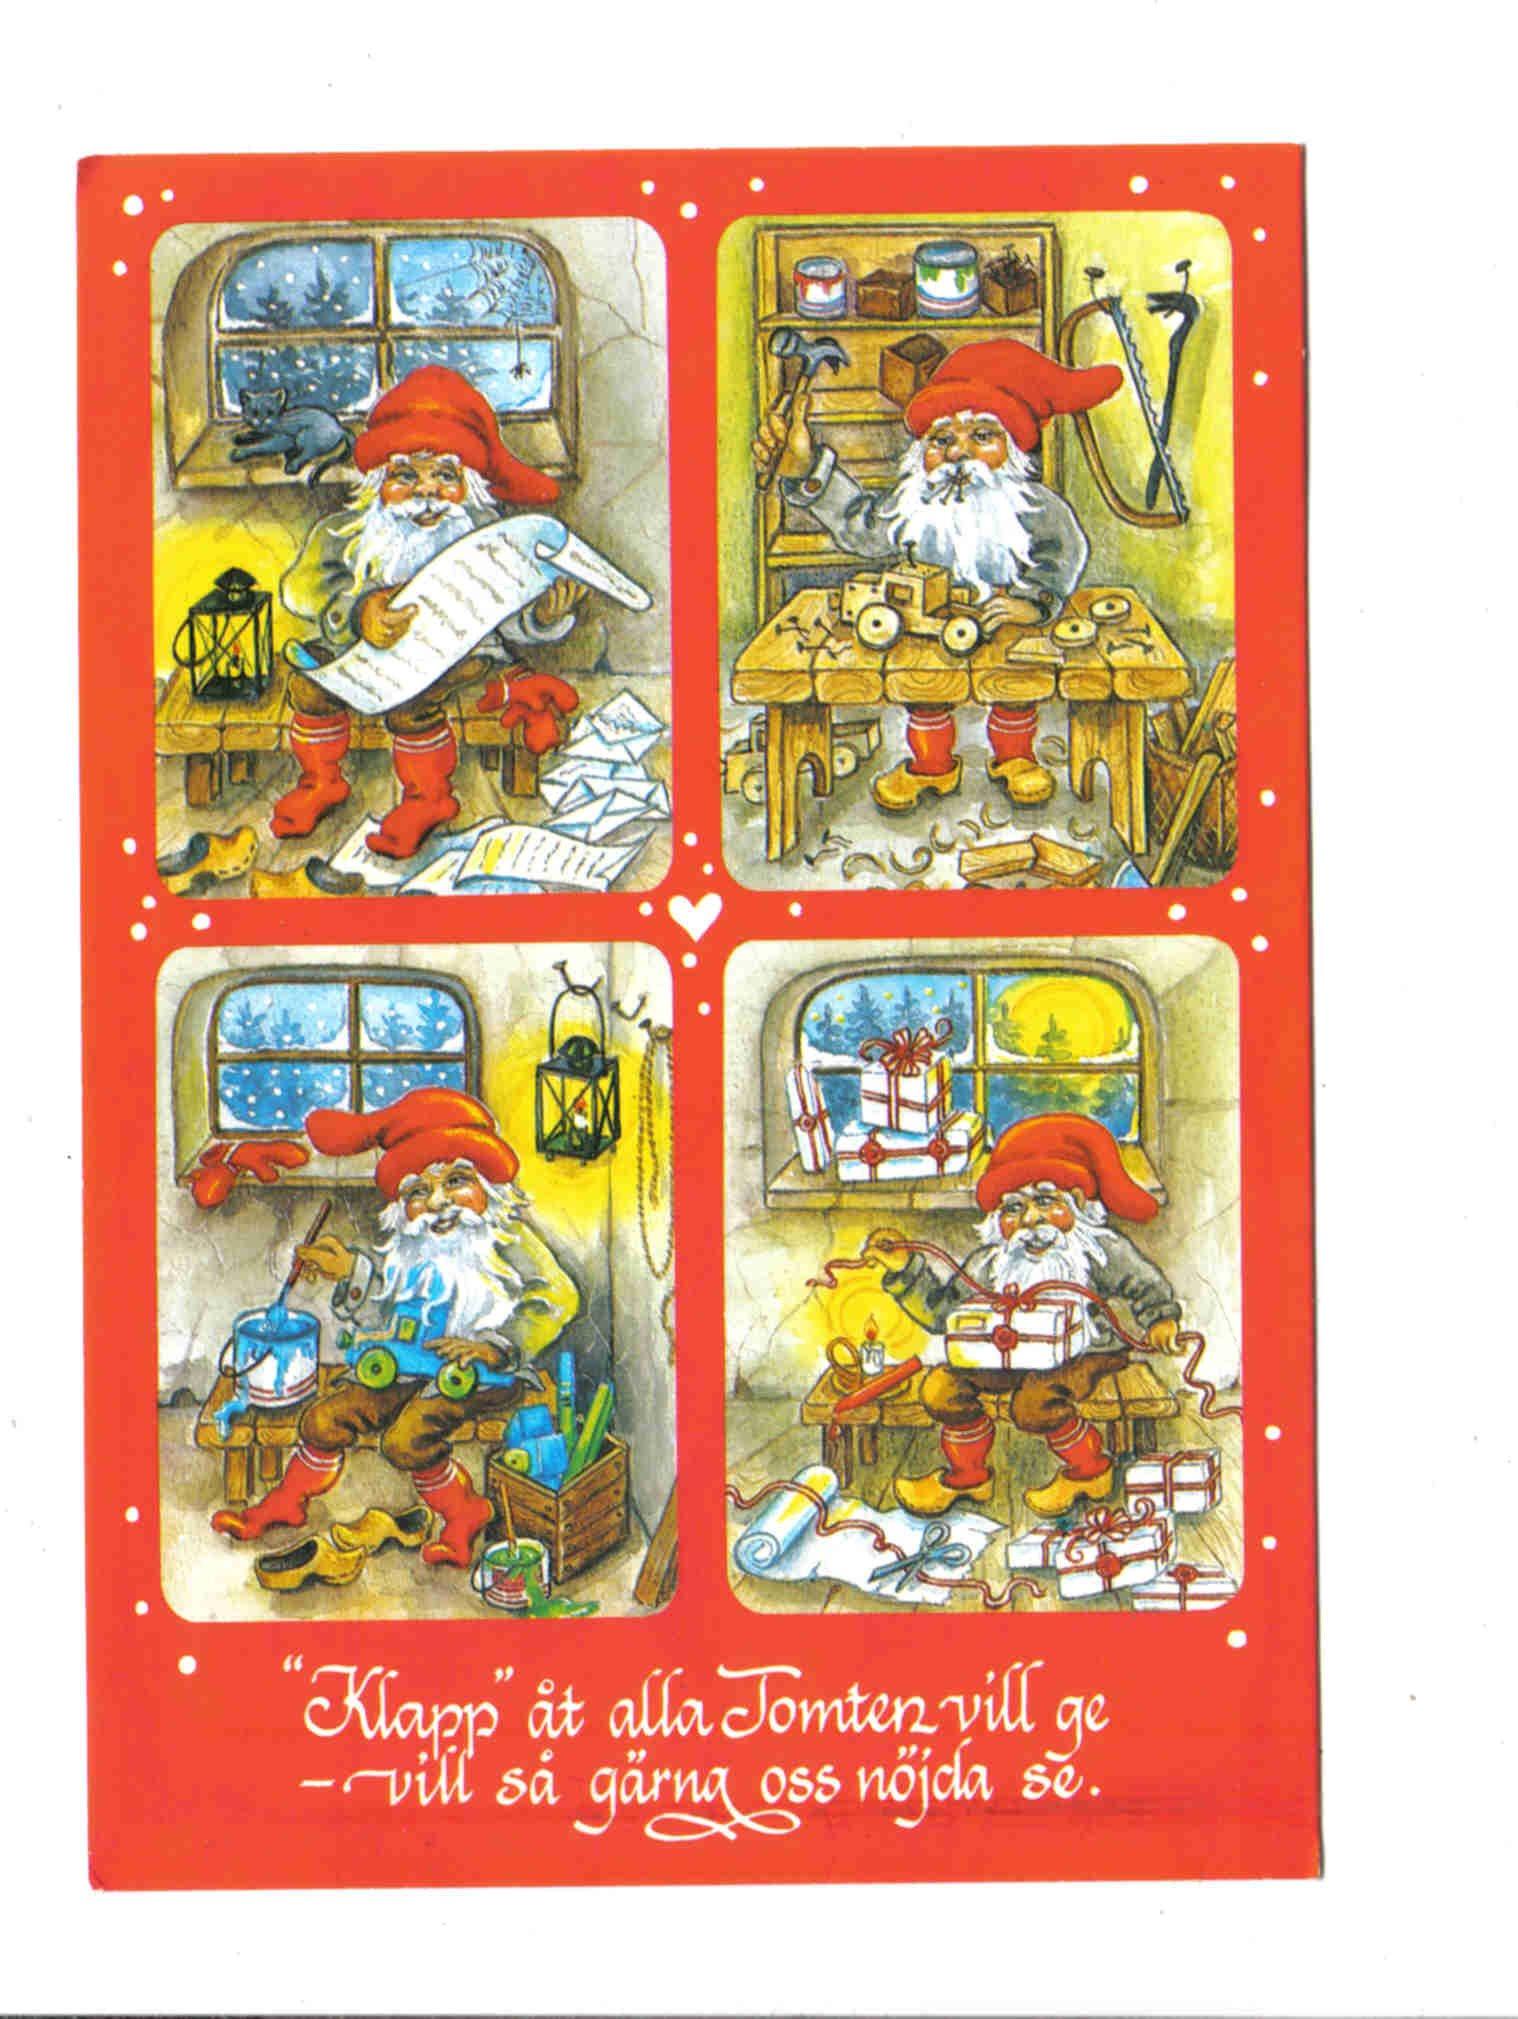 42c84f8736cc Ingrid Elf - Tomte från önskelista till julklapp (309604001) ᐈ Köp ...